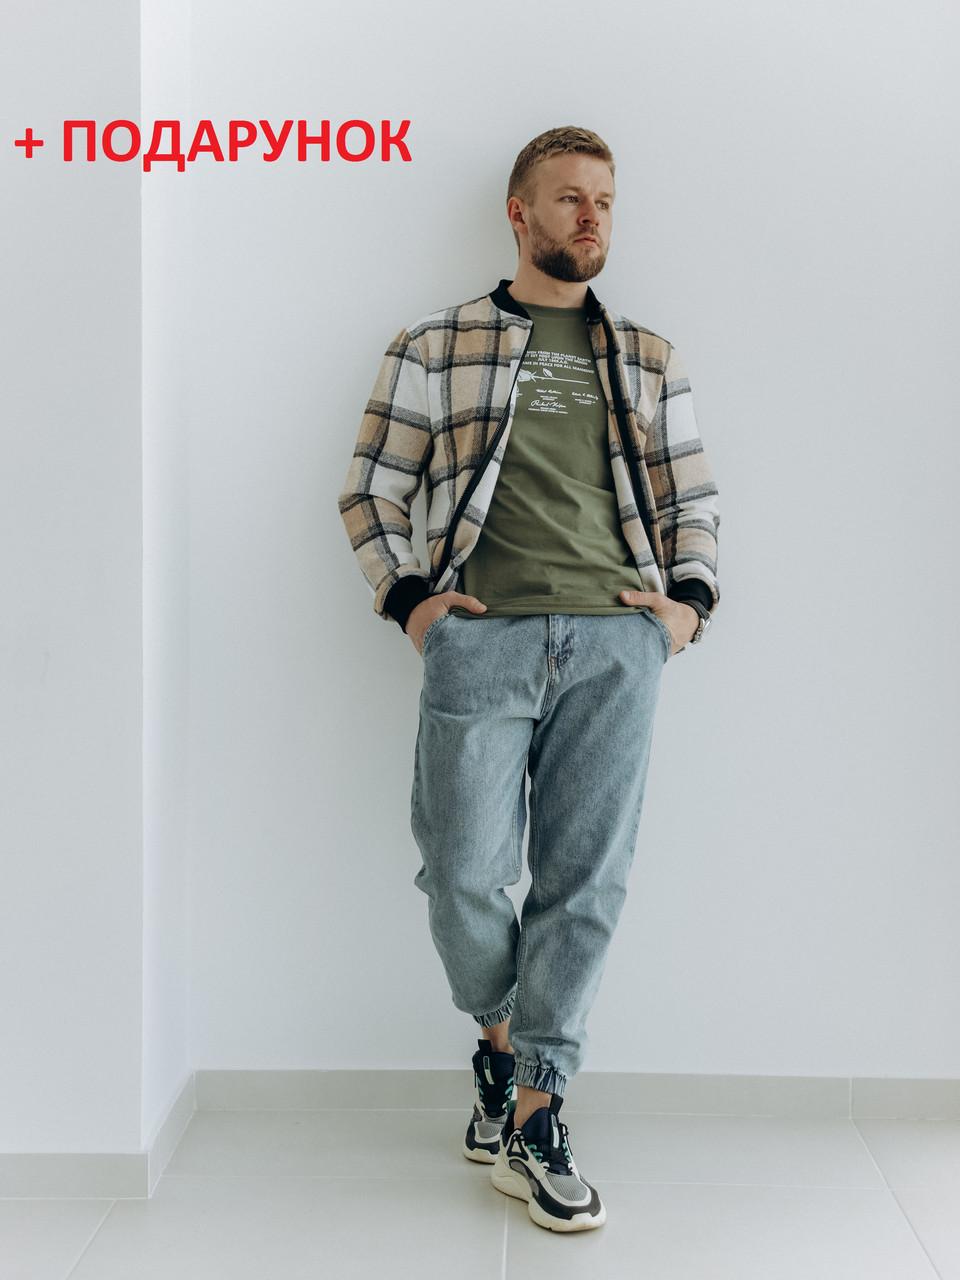 Мужской комплект одежды из джинсов, футболки и клетчатой рубашки